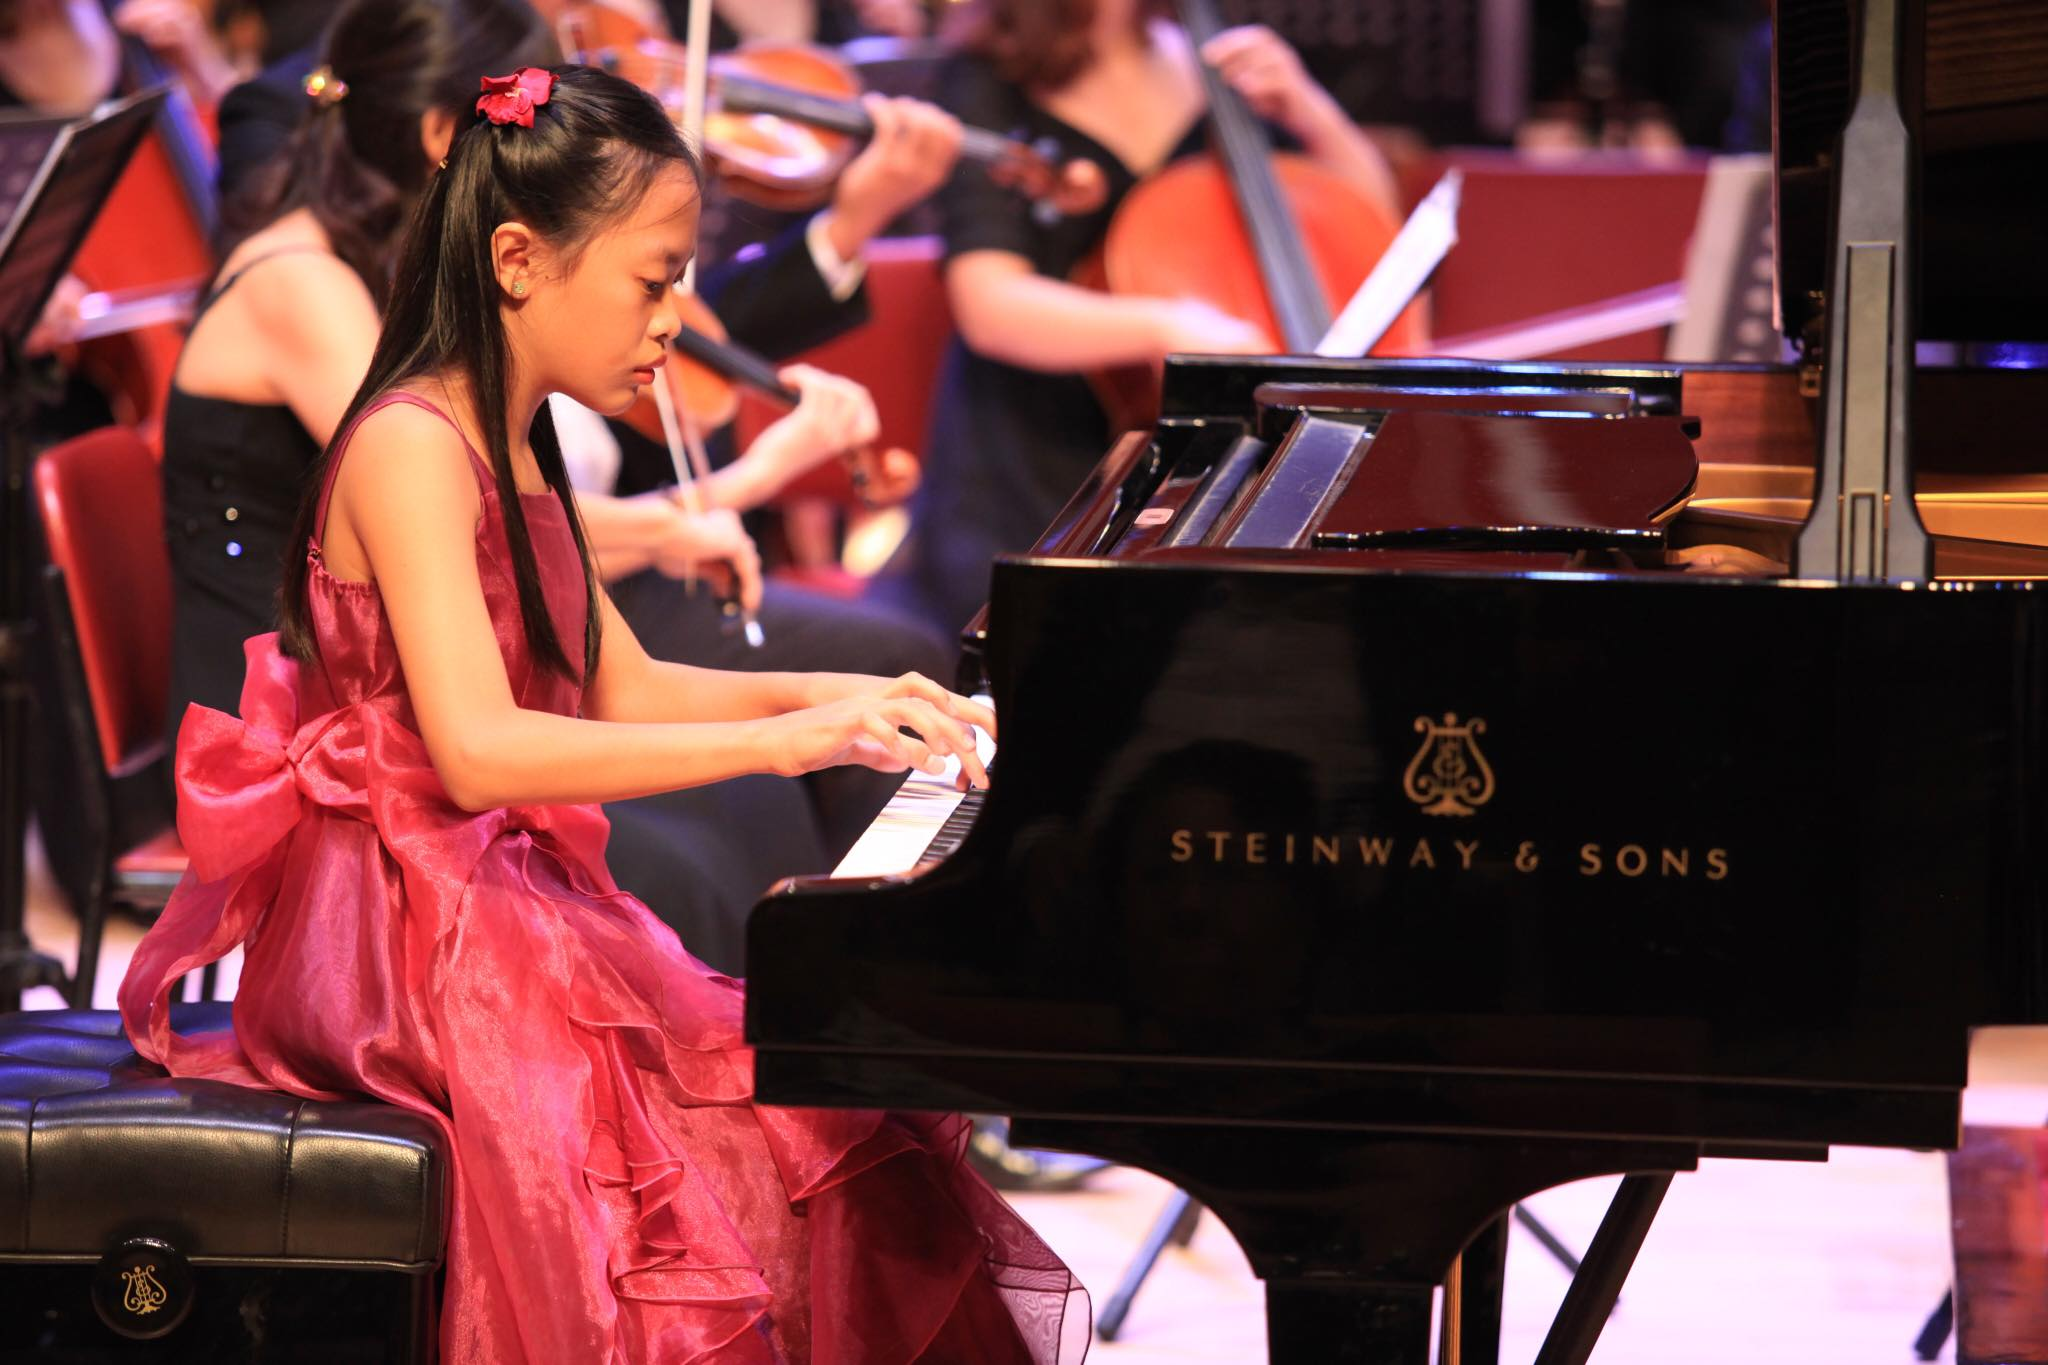 Trần Minh Châu chơi piano